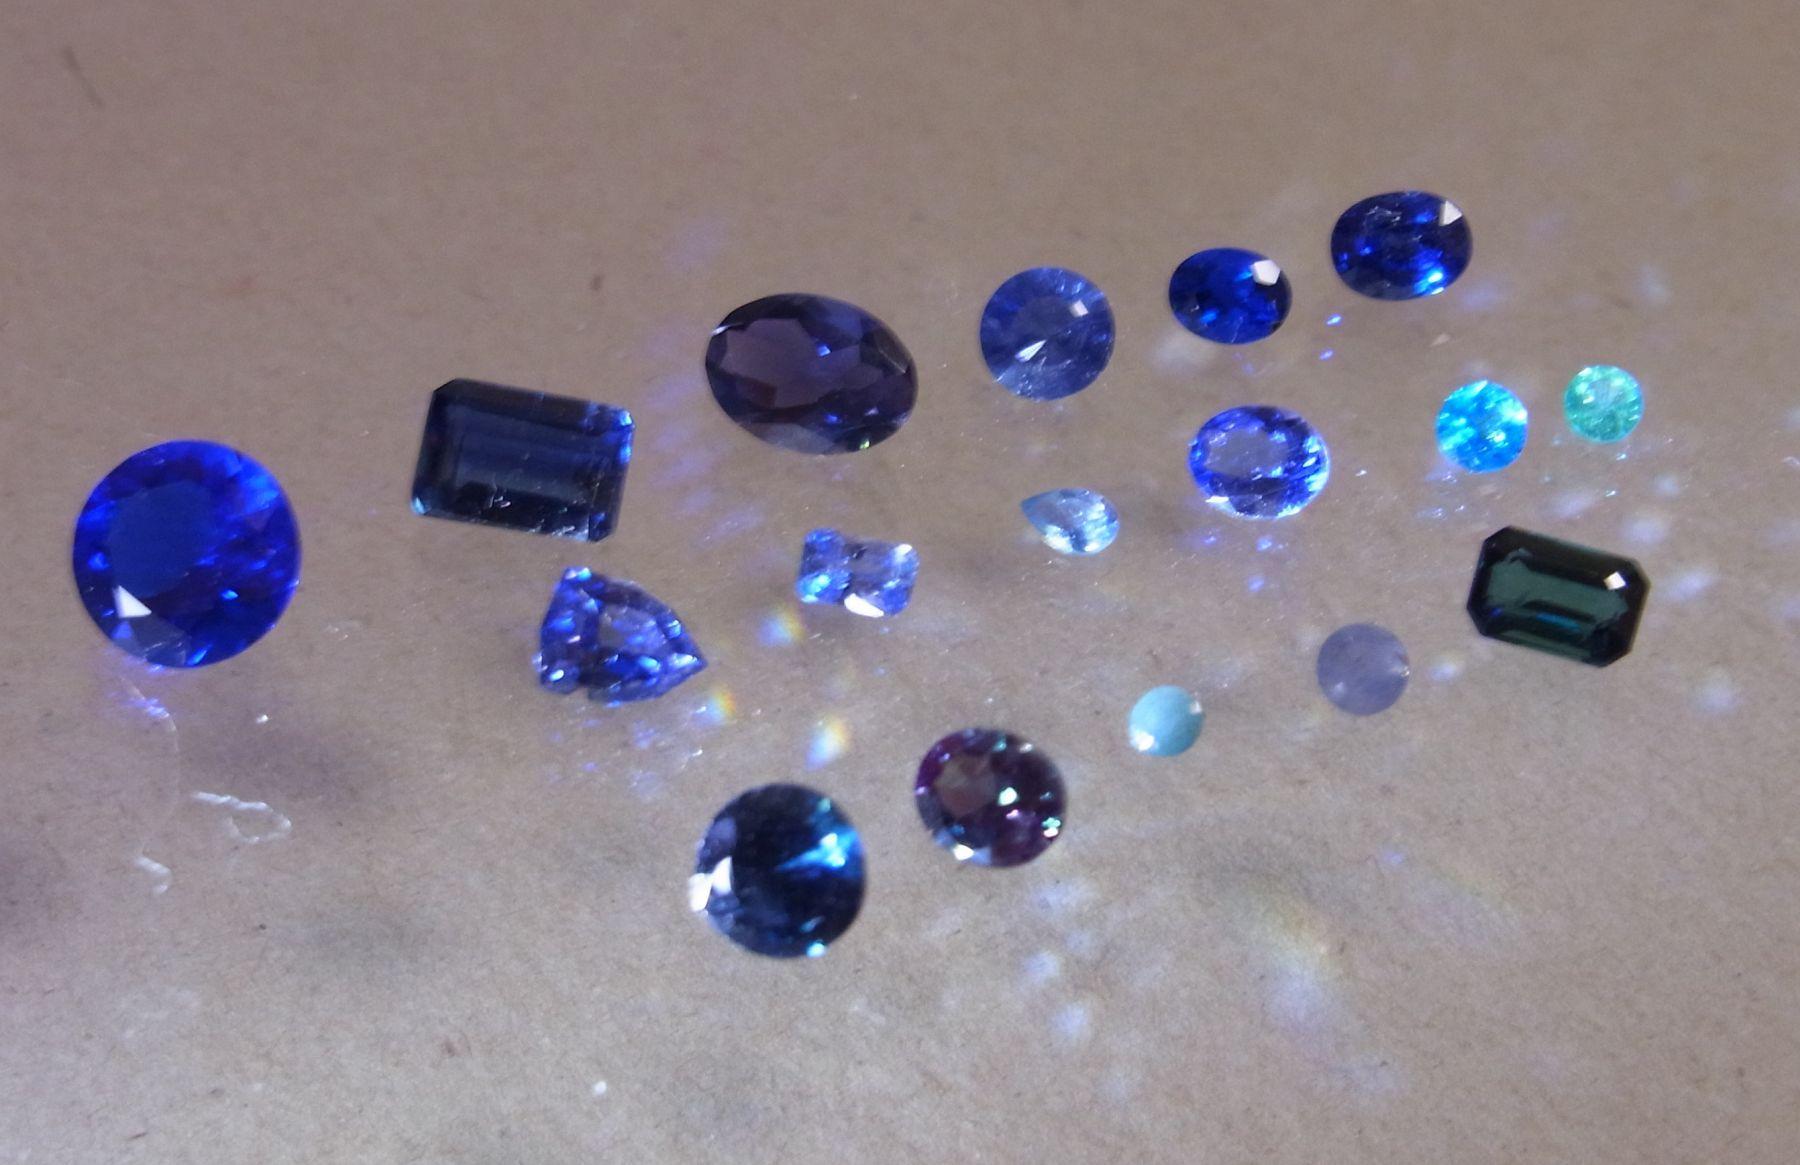 出 藍 より 青 より 青 で は 藍 し て